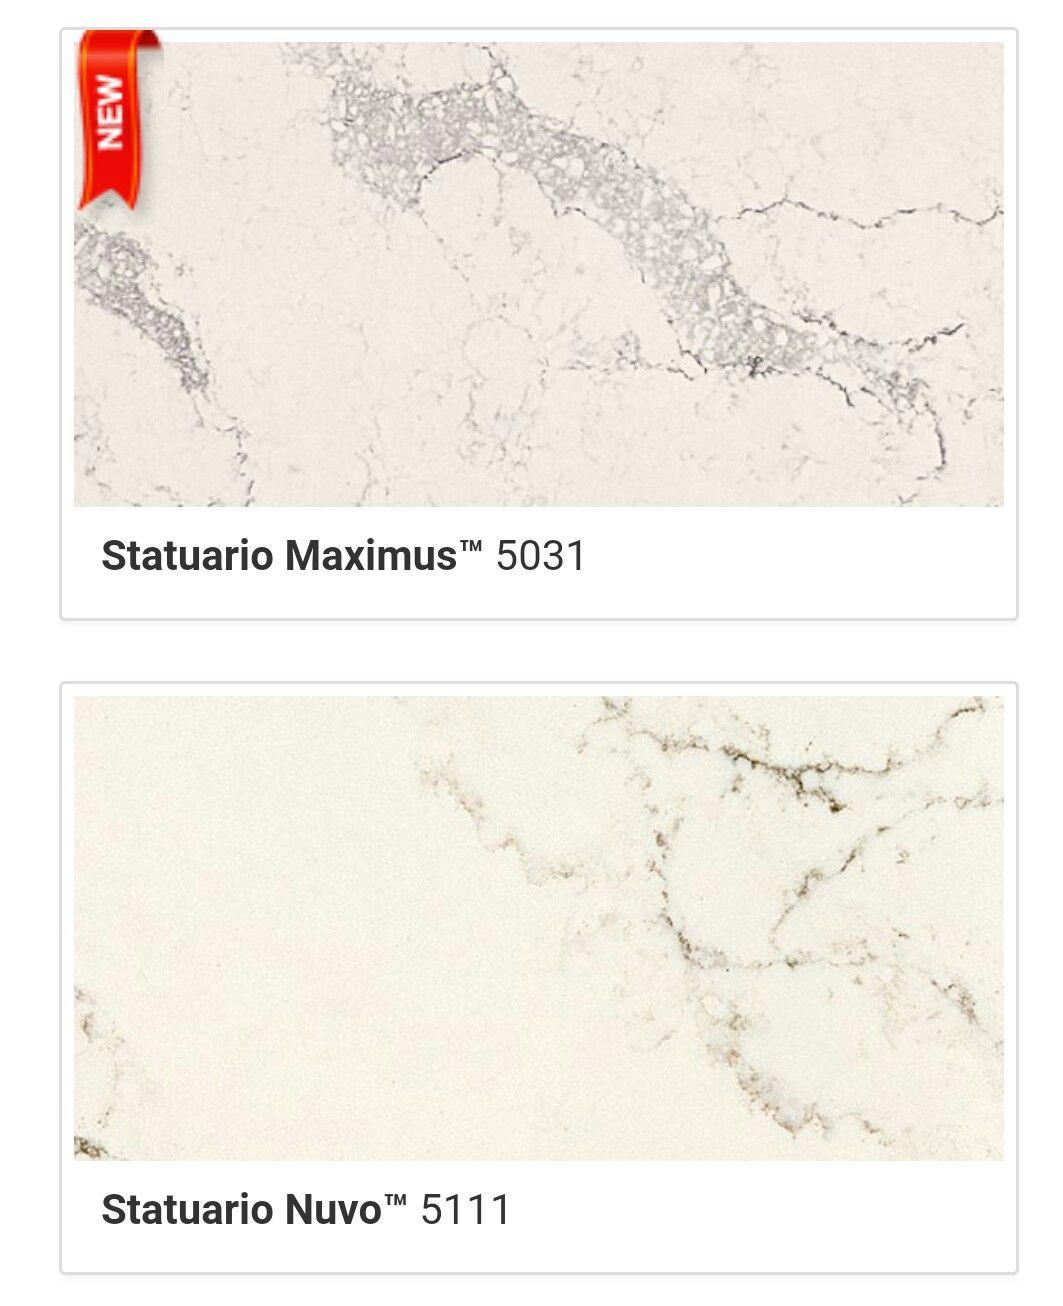 Caesarstone Statuario Maximus Statuario Nuvo Quartz Stone Slab New